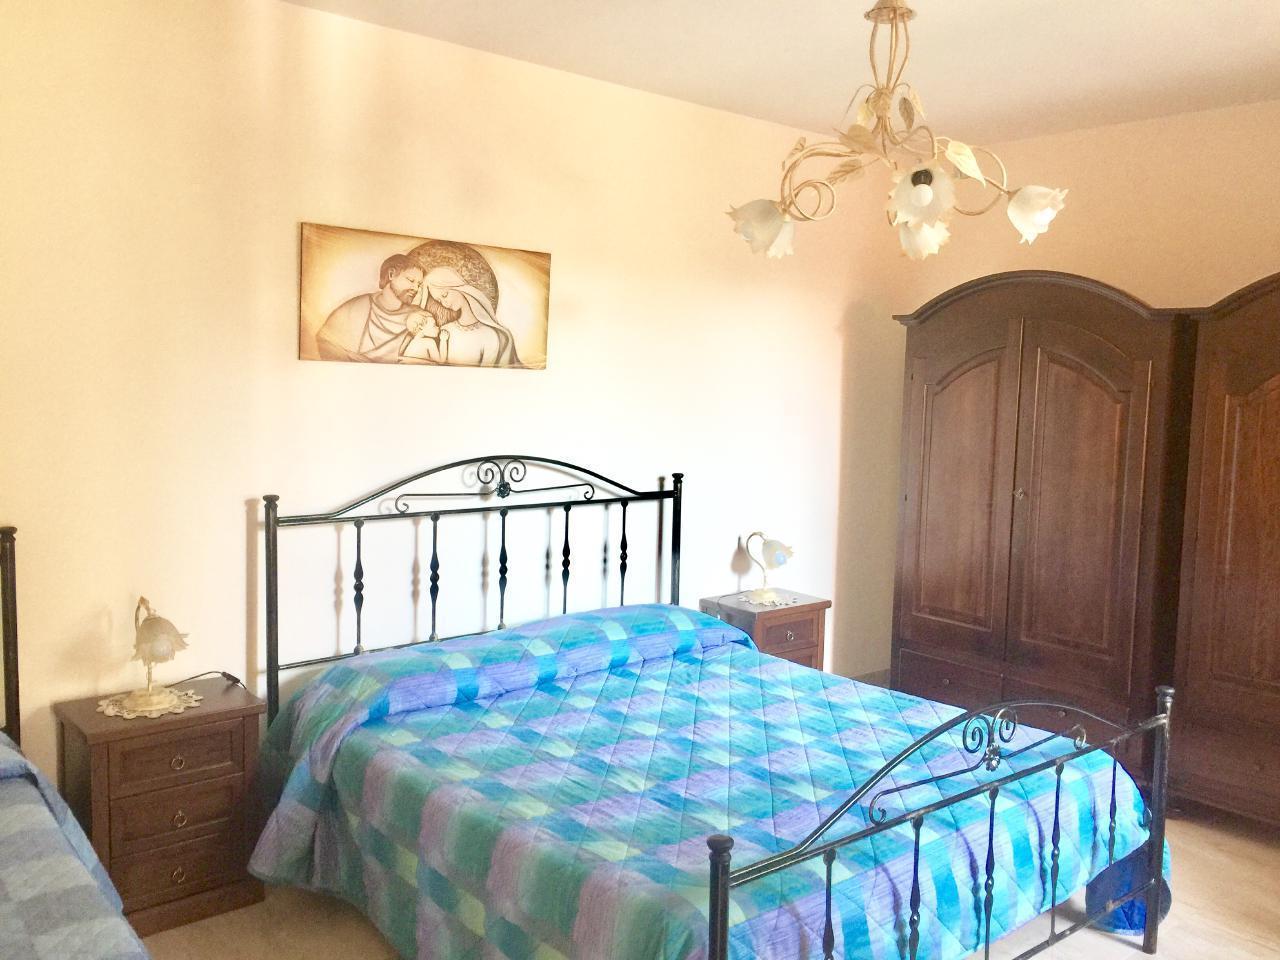 Appartement de vacances Etna Royal View -  Zwei-Zimmer-Wohnung mit Blick auf den Garten (2182582), Trecastagni, Catania, Sicile, Italie, image 22